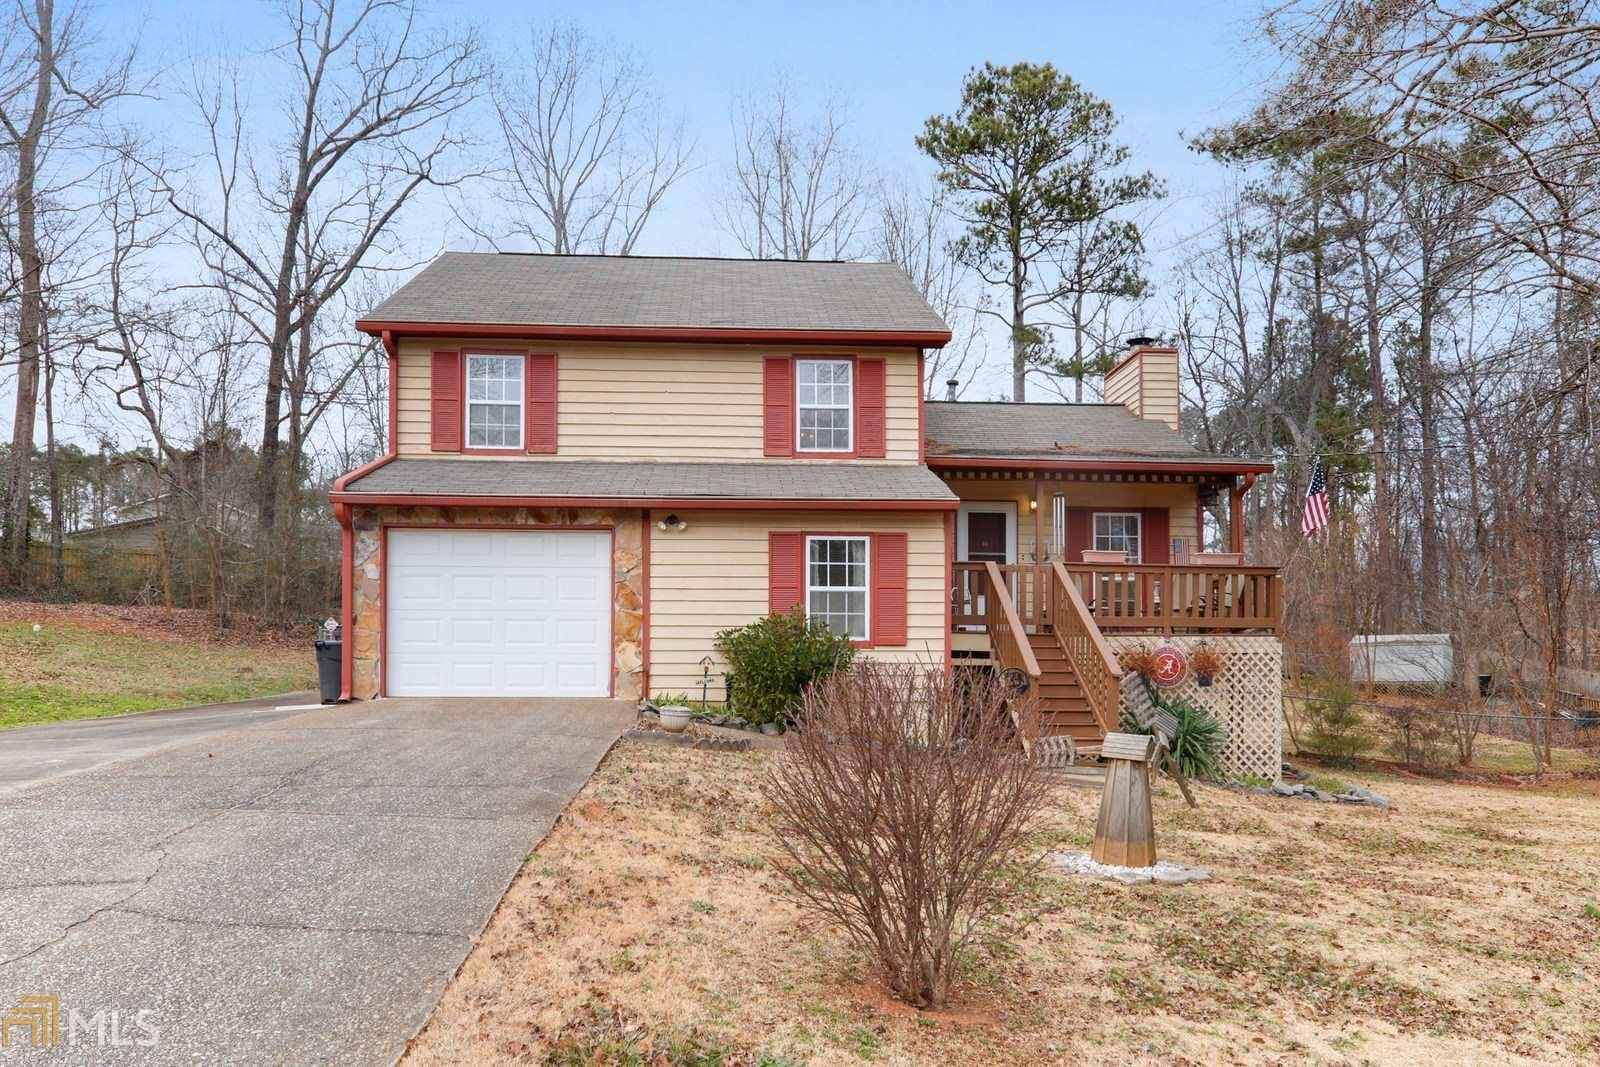 1349 Ashbrook Dr, Lawrenceville, GA 30043 - MLS#: 8930589